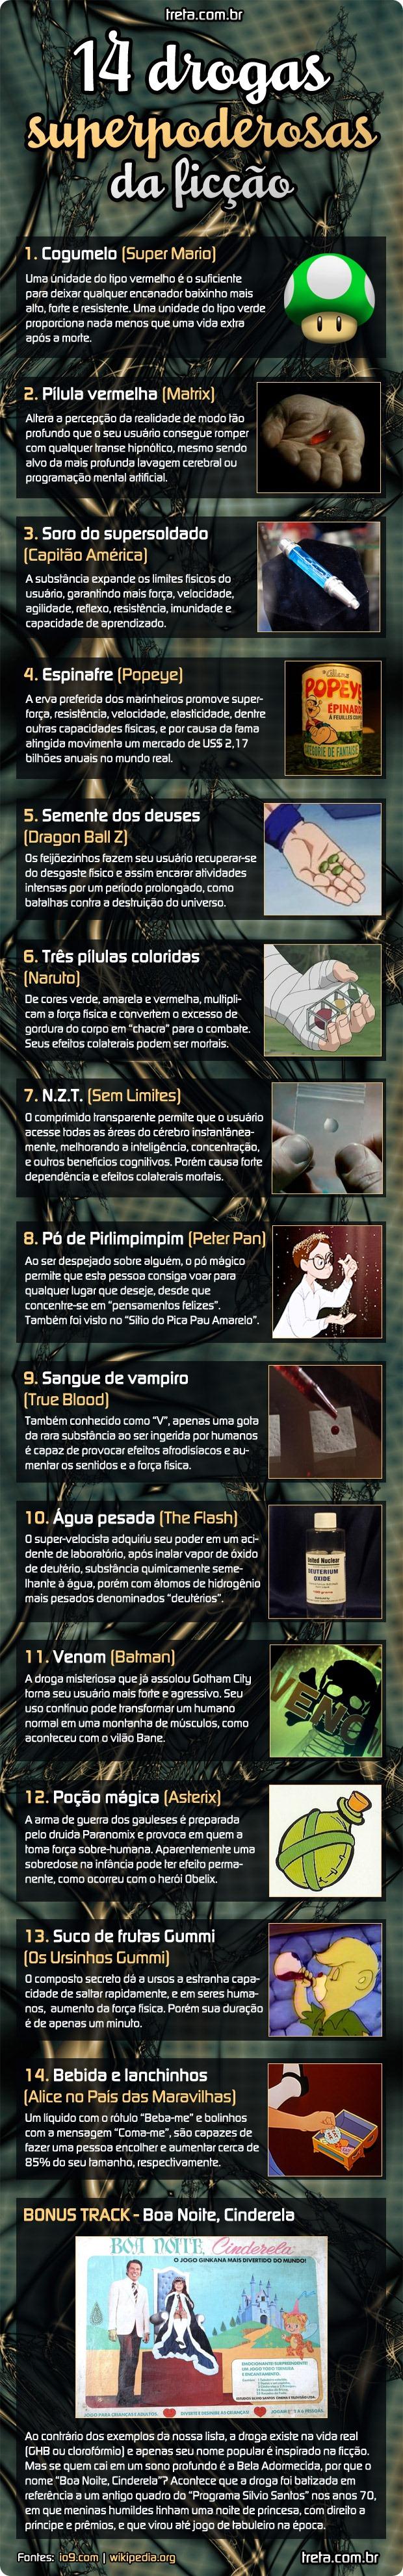 14 drogas mais poderosas da ficção.